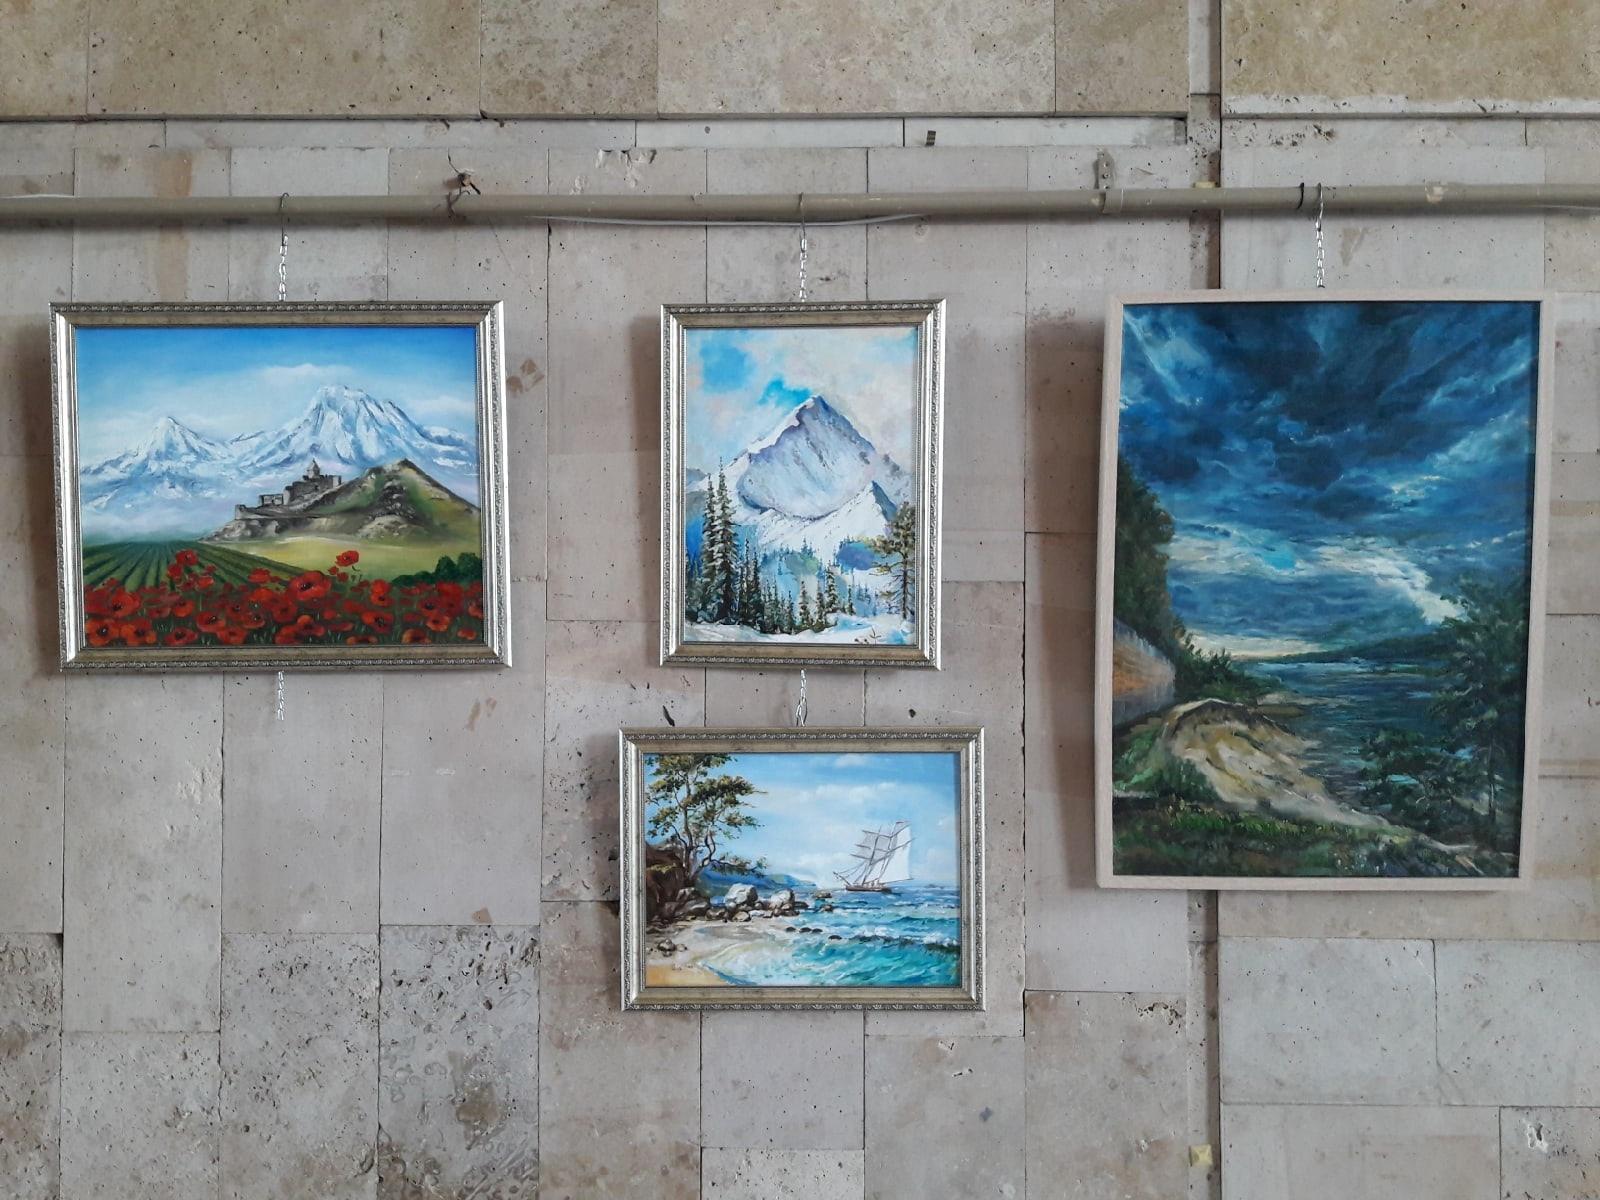 Сотрудники Дворца культуры «Московский» организовали новую выставку